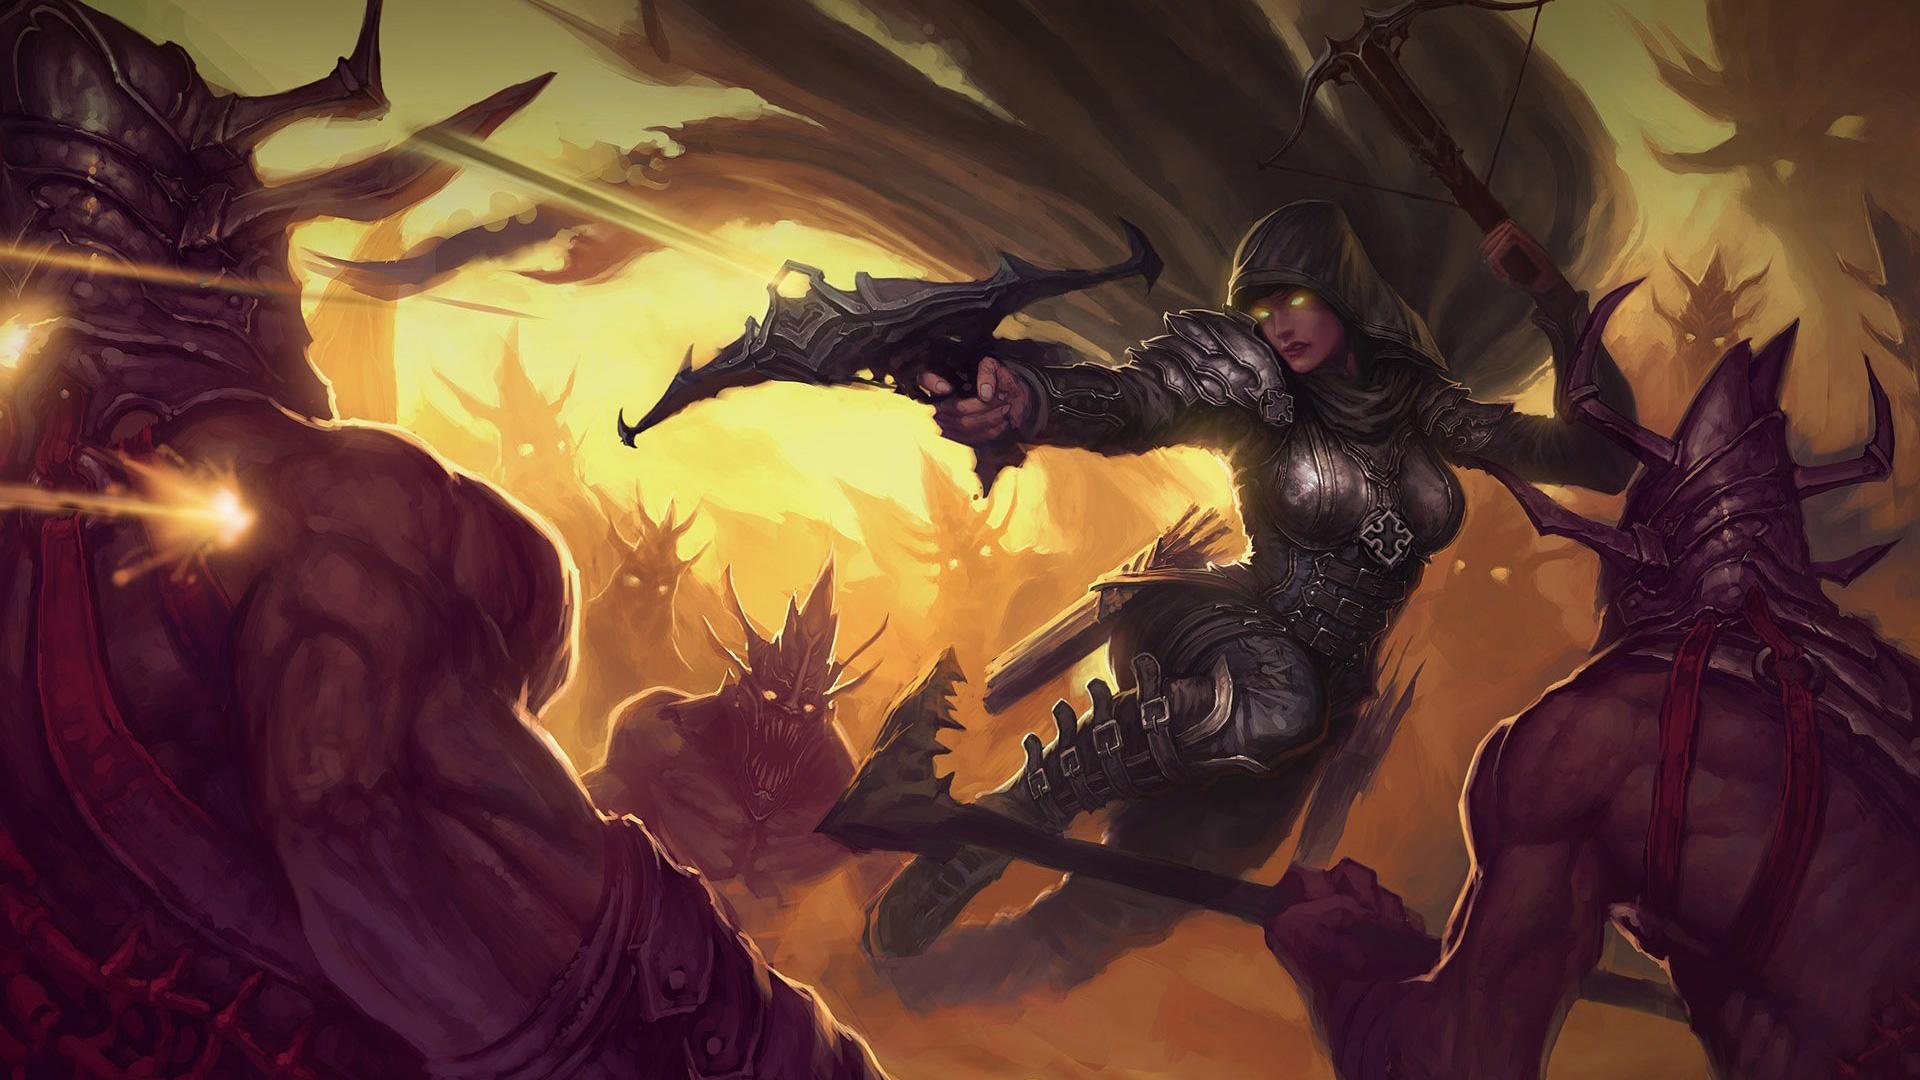 Free Diablo III Wallpaper in 1920x1080